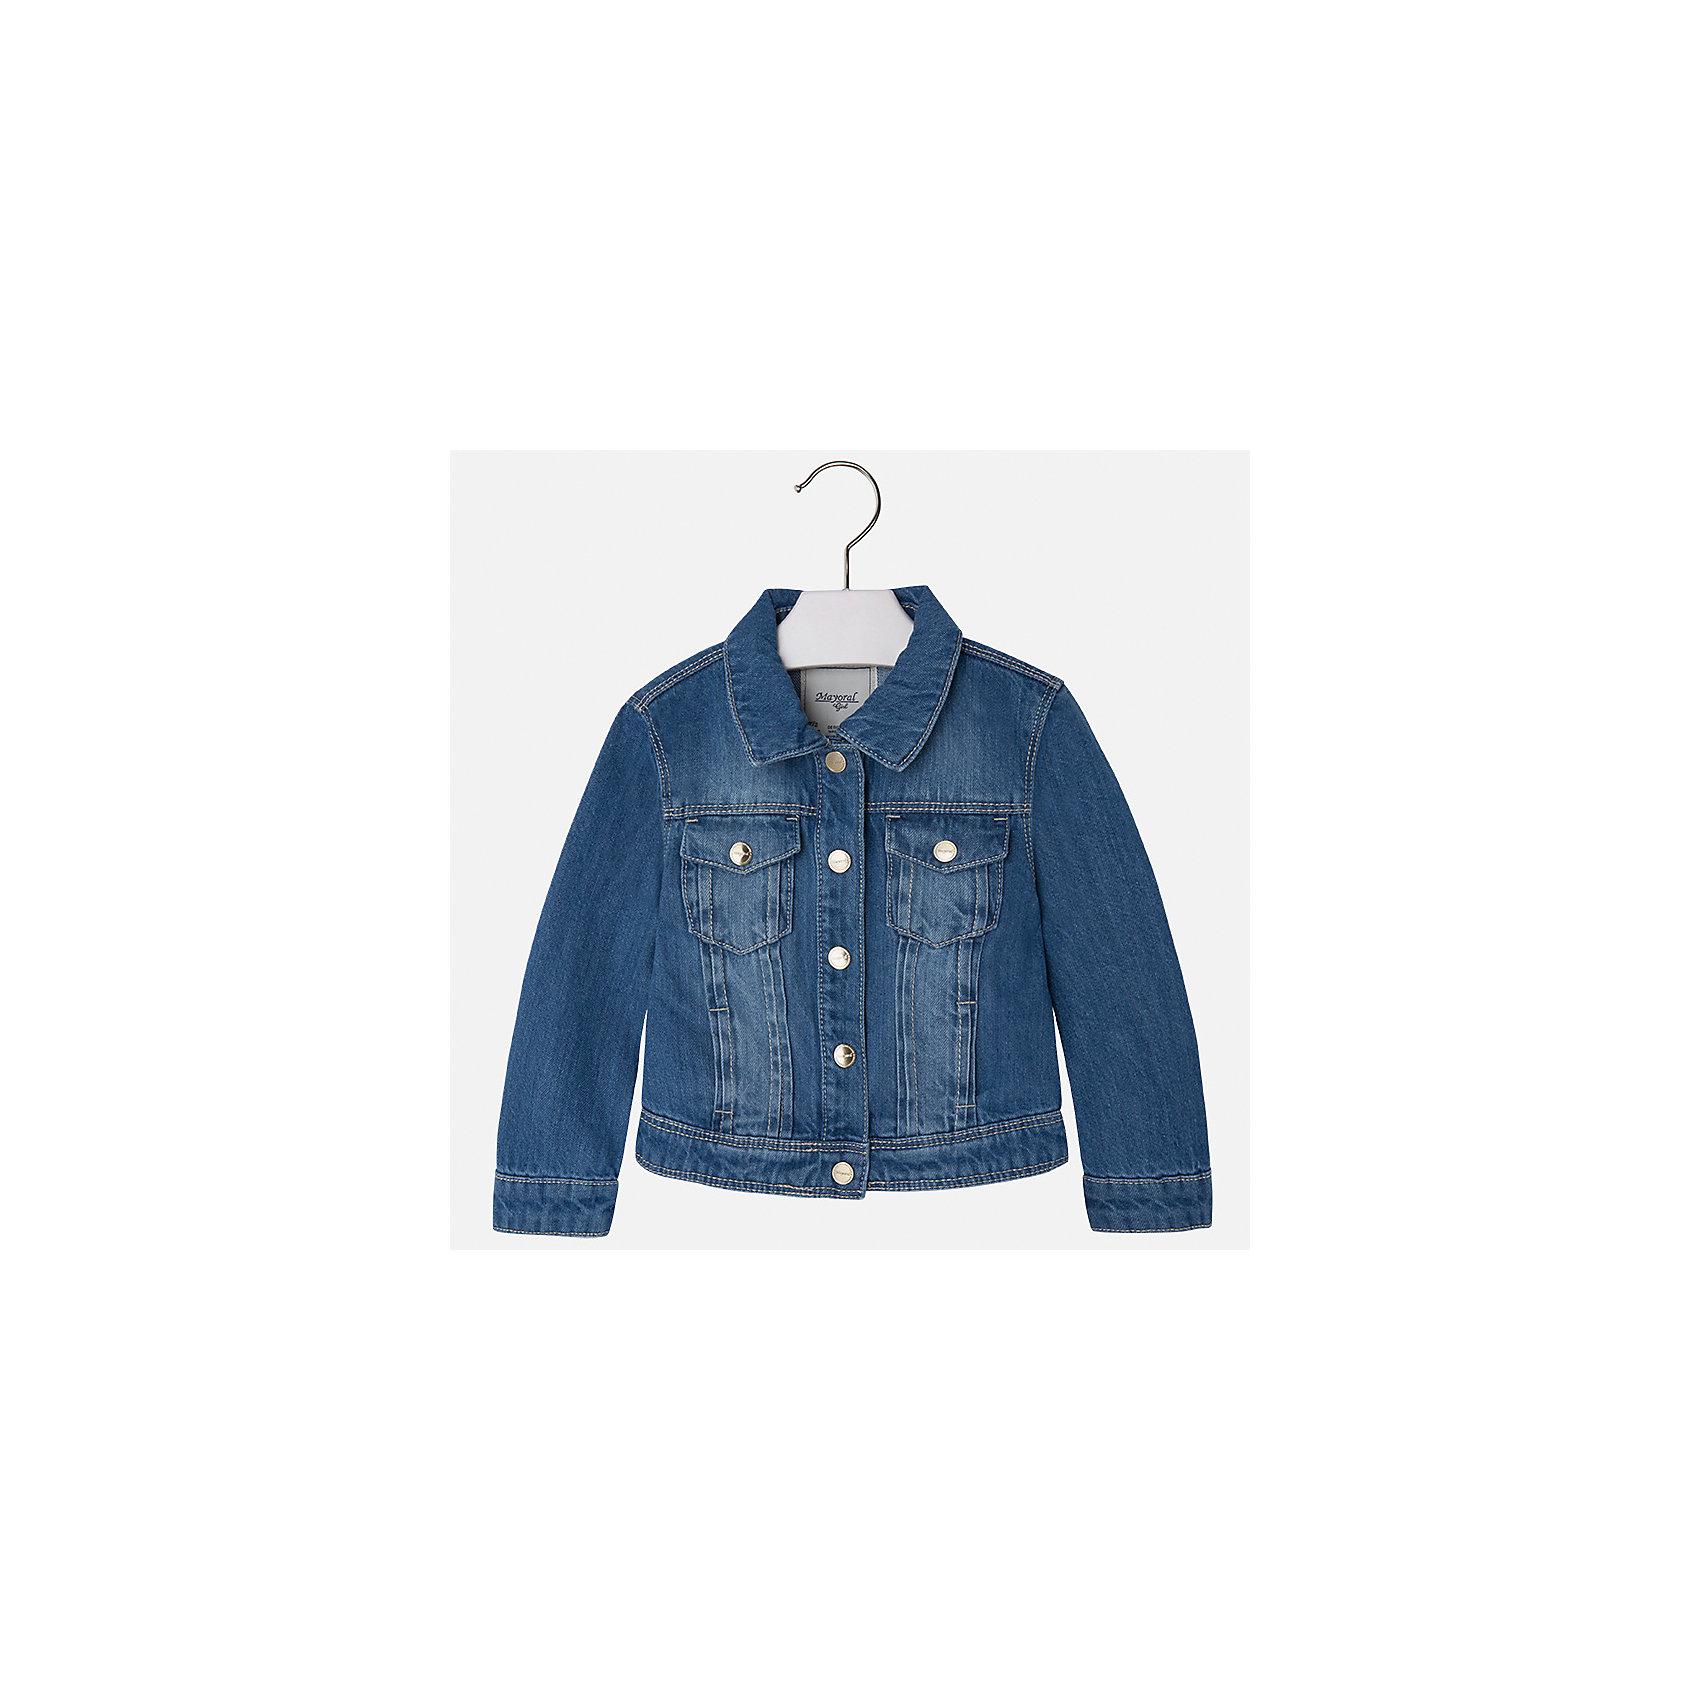 Куртка джинсовая для девочки MayoralДжинсовая одежда<br>Куртка для девочки от известной испанской марки Mayoral.<br><br>Ширина мм: 356<br>Глубина мм: 10<br>Высота мм: 245<br>Вес г: 519<br>Цвет: синий<br>Возраст от месяцев: 18<br>Возраст до месяцев: 24<br>Пол: Женский<br>Возраст: Детский<br>Размер: 92,134,98,104,110,116,122,128<br>SKU: 5288636